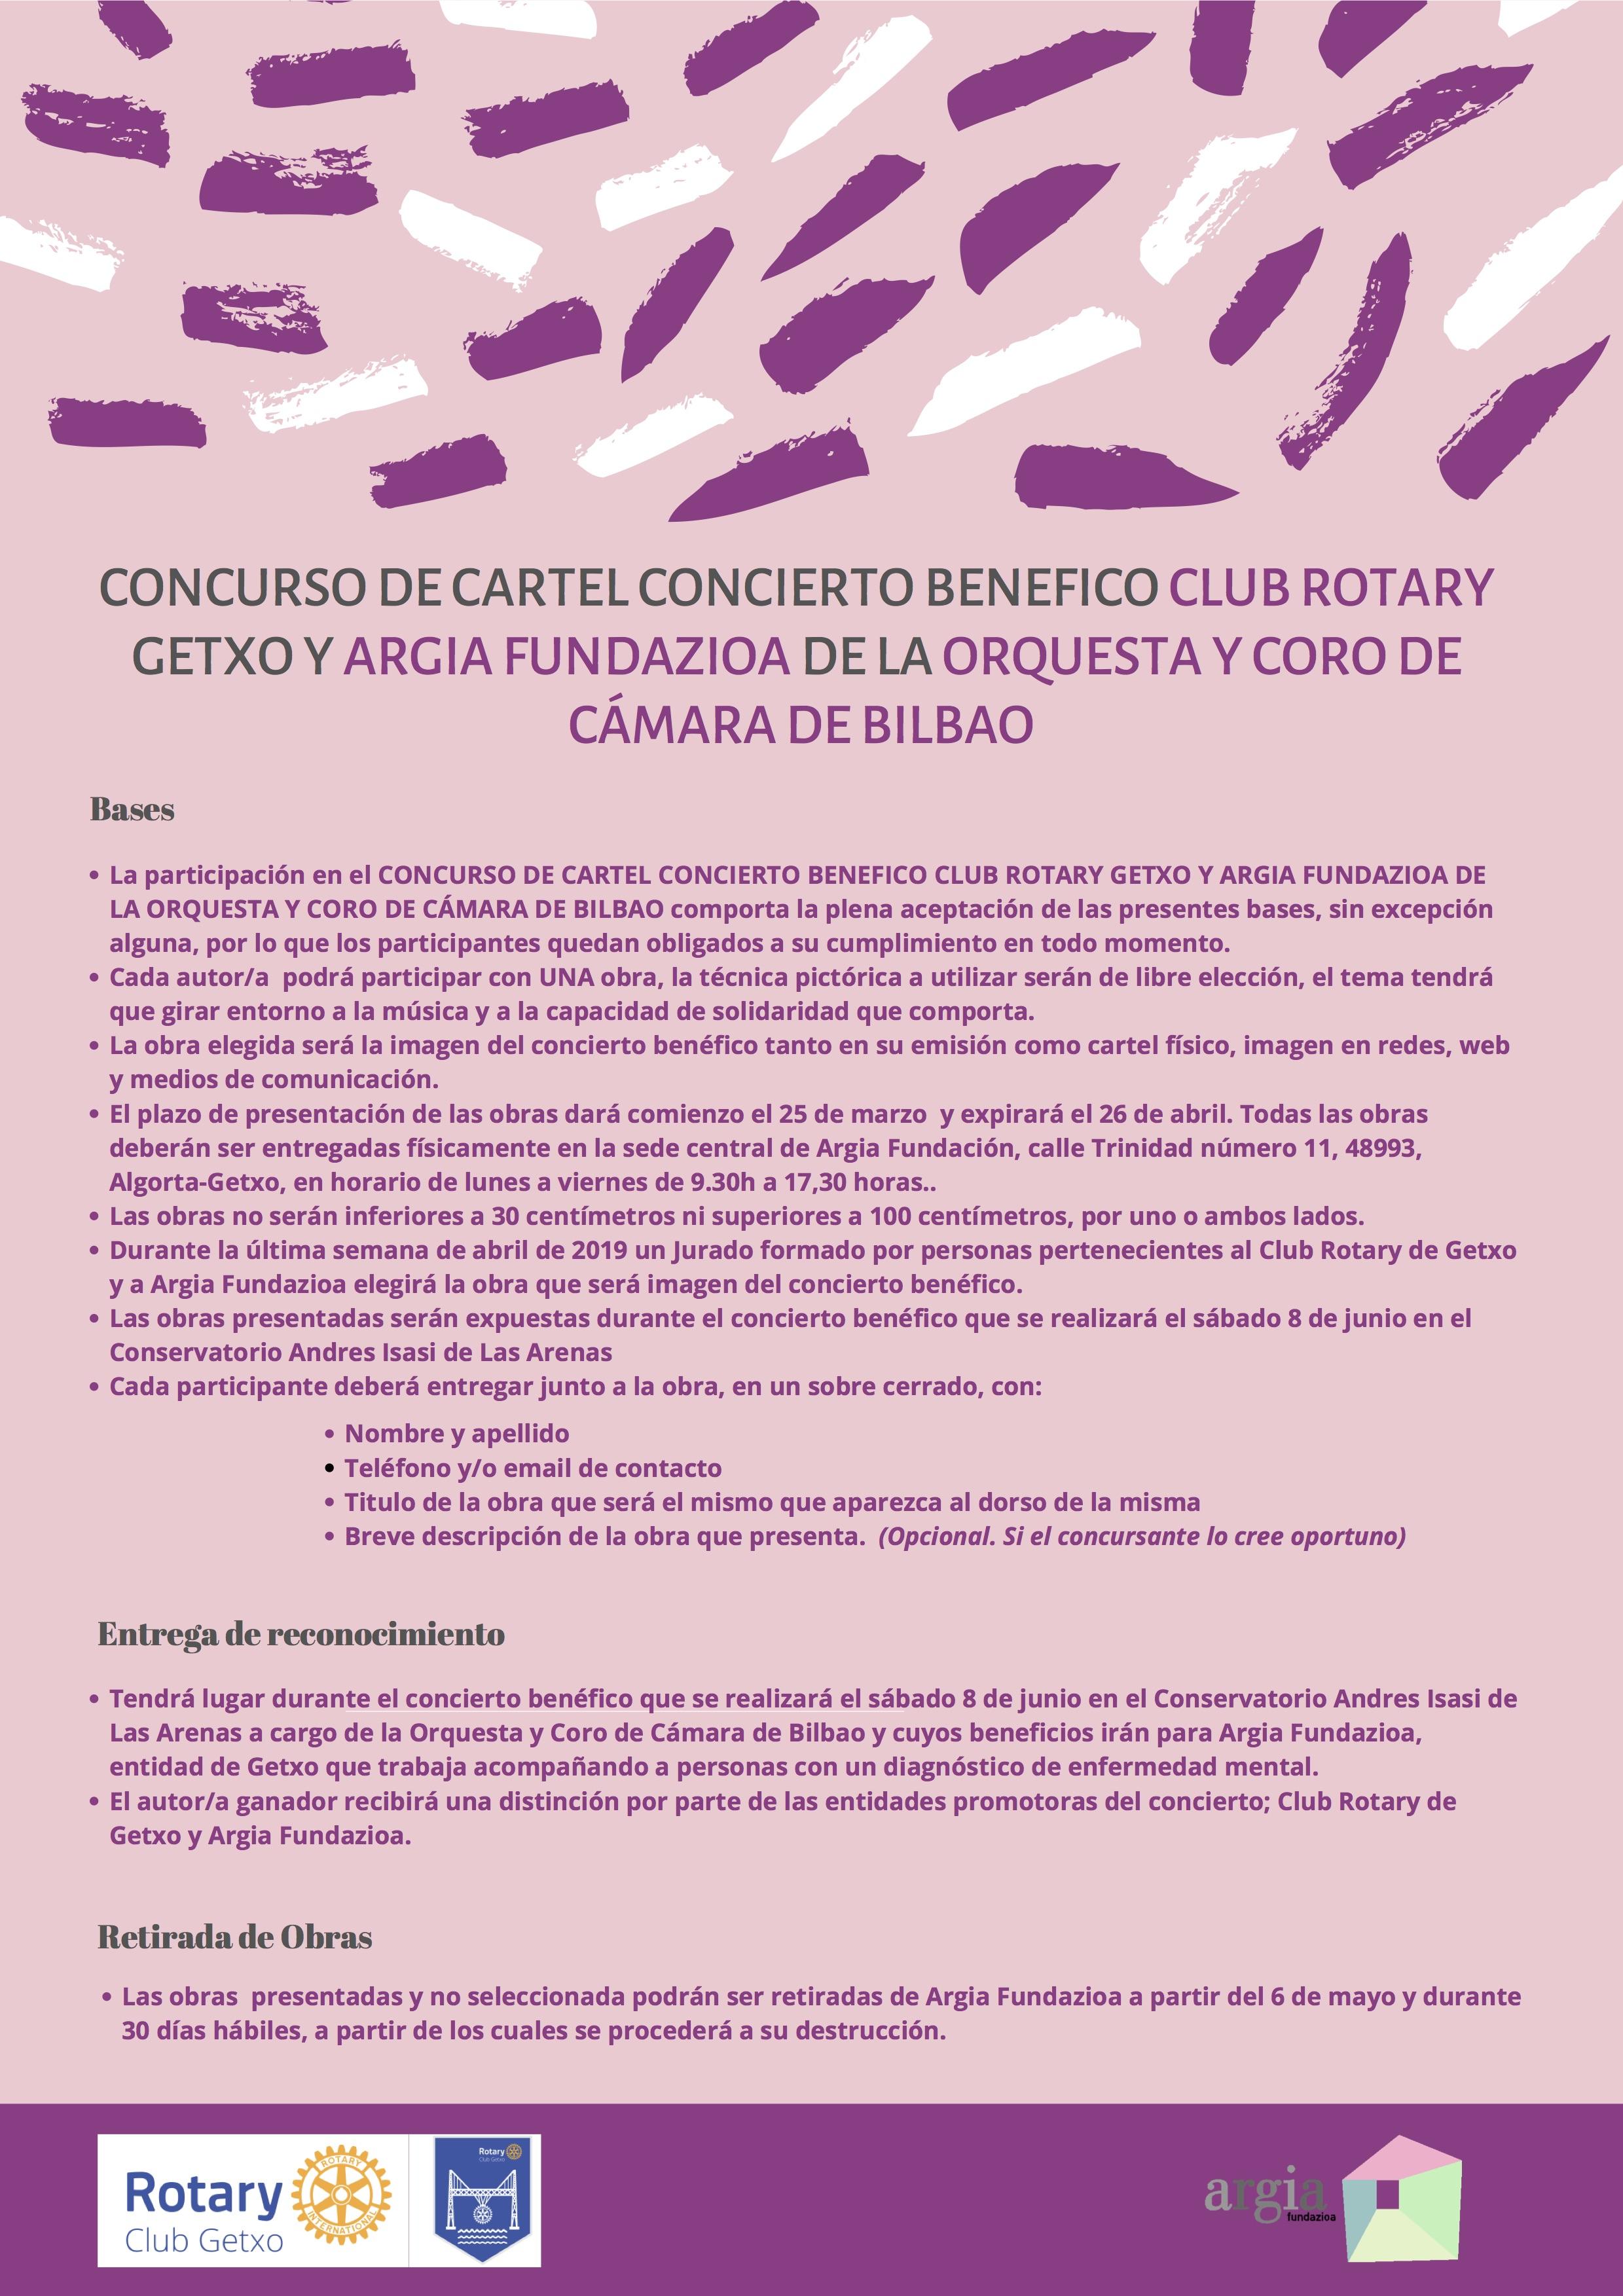 Rotary Club de Getxo y la Fundación Argia, organizan el concurso del diseño del cartel que dará difusión a la segunda edición del concierto benéfico.